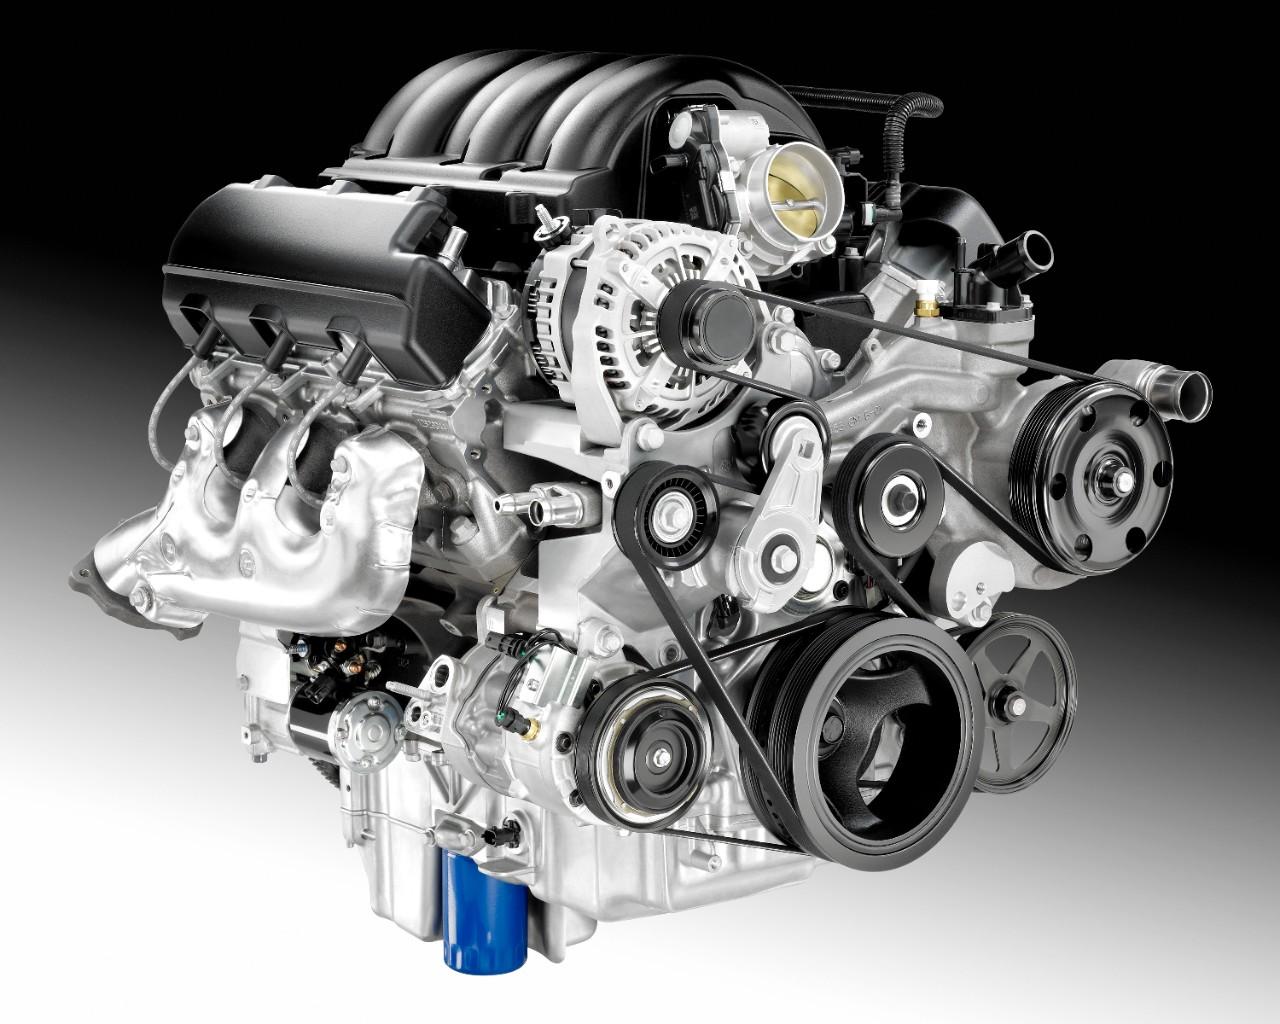 Pleasing Gm 4 3 Liter V6 Ecotec3 Lv3 Engine Info Power Specs Wiki Gm Wiring Cloud Onicaxeromohammedshrineorg